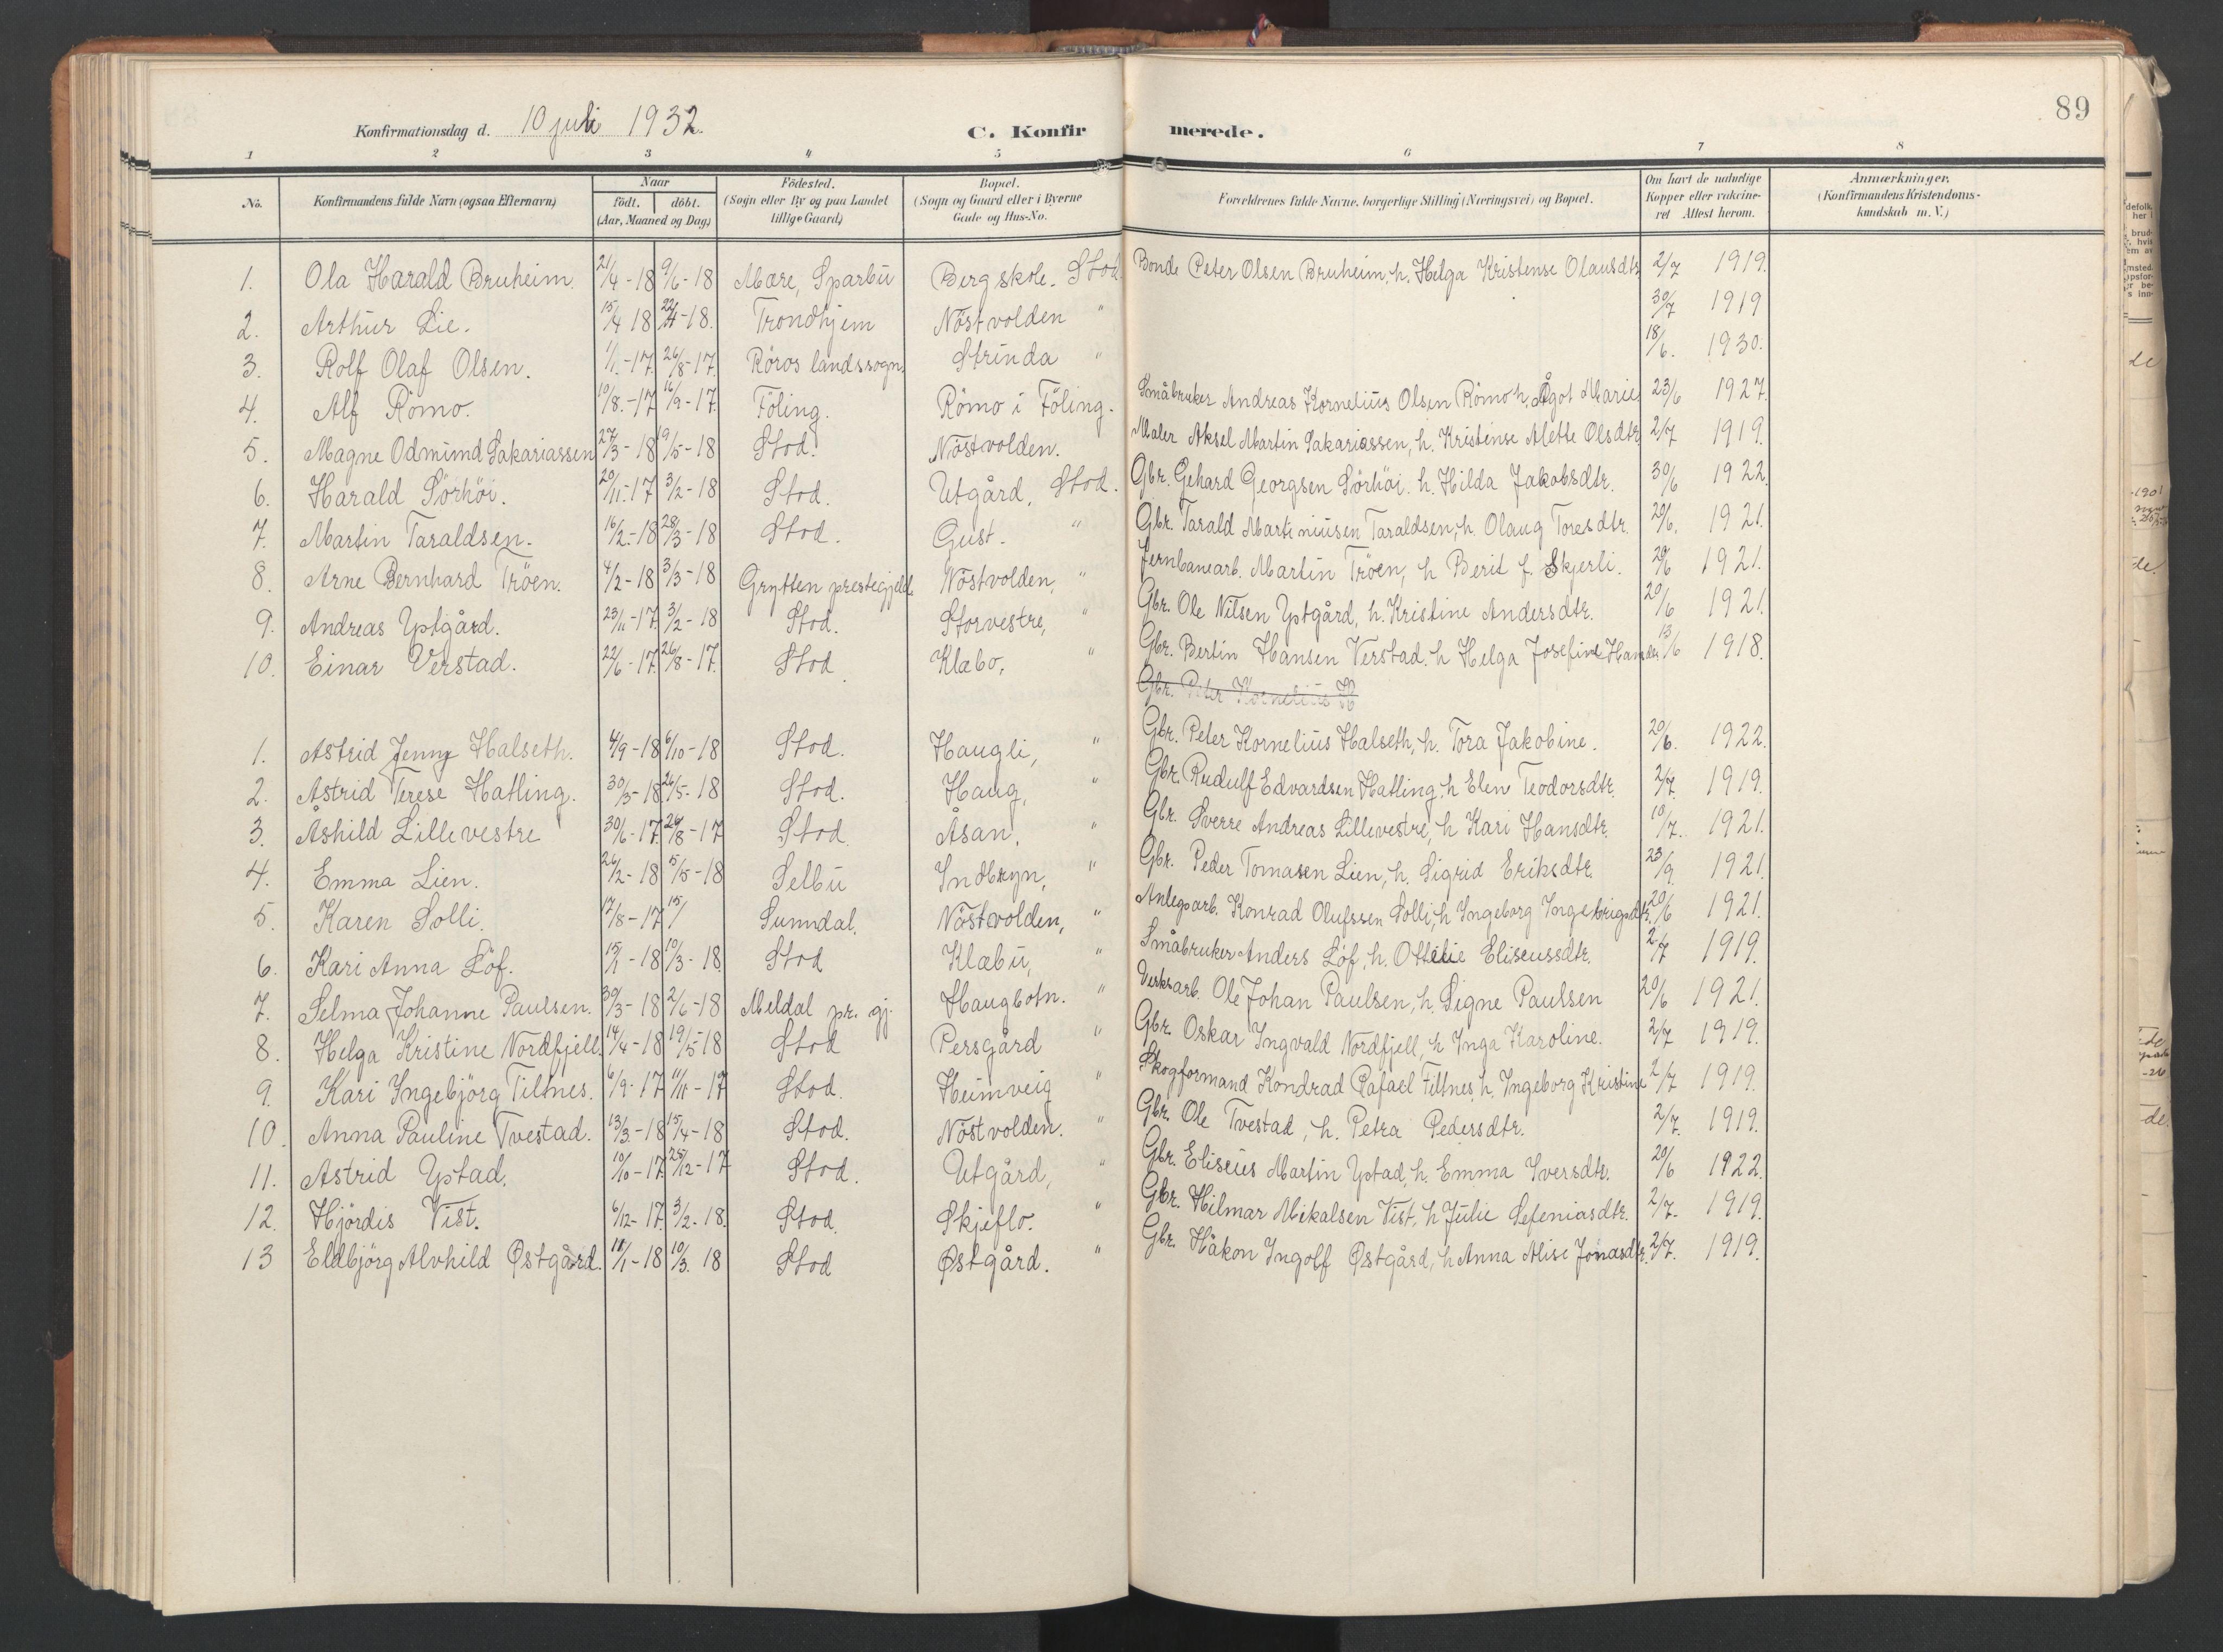 SAT, Ministerialprotokoller, klokkerbøker og fødselsregistre - Nord-Trøndelag, 746/L0455: Klokkerbok nr. 746C01, 1908-1933, s. 89